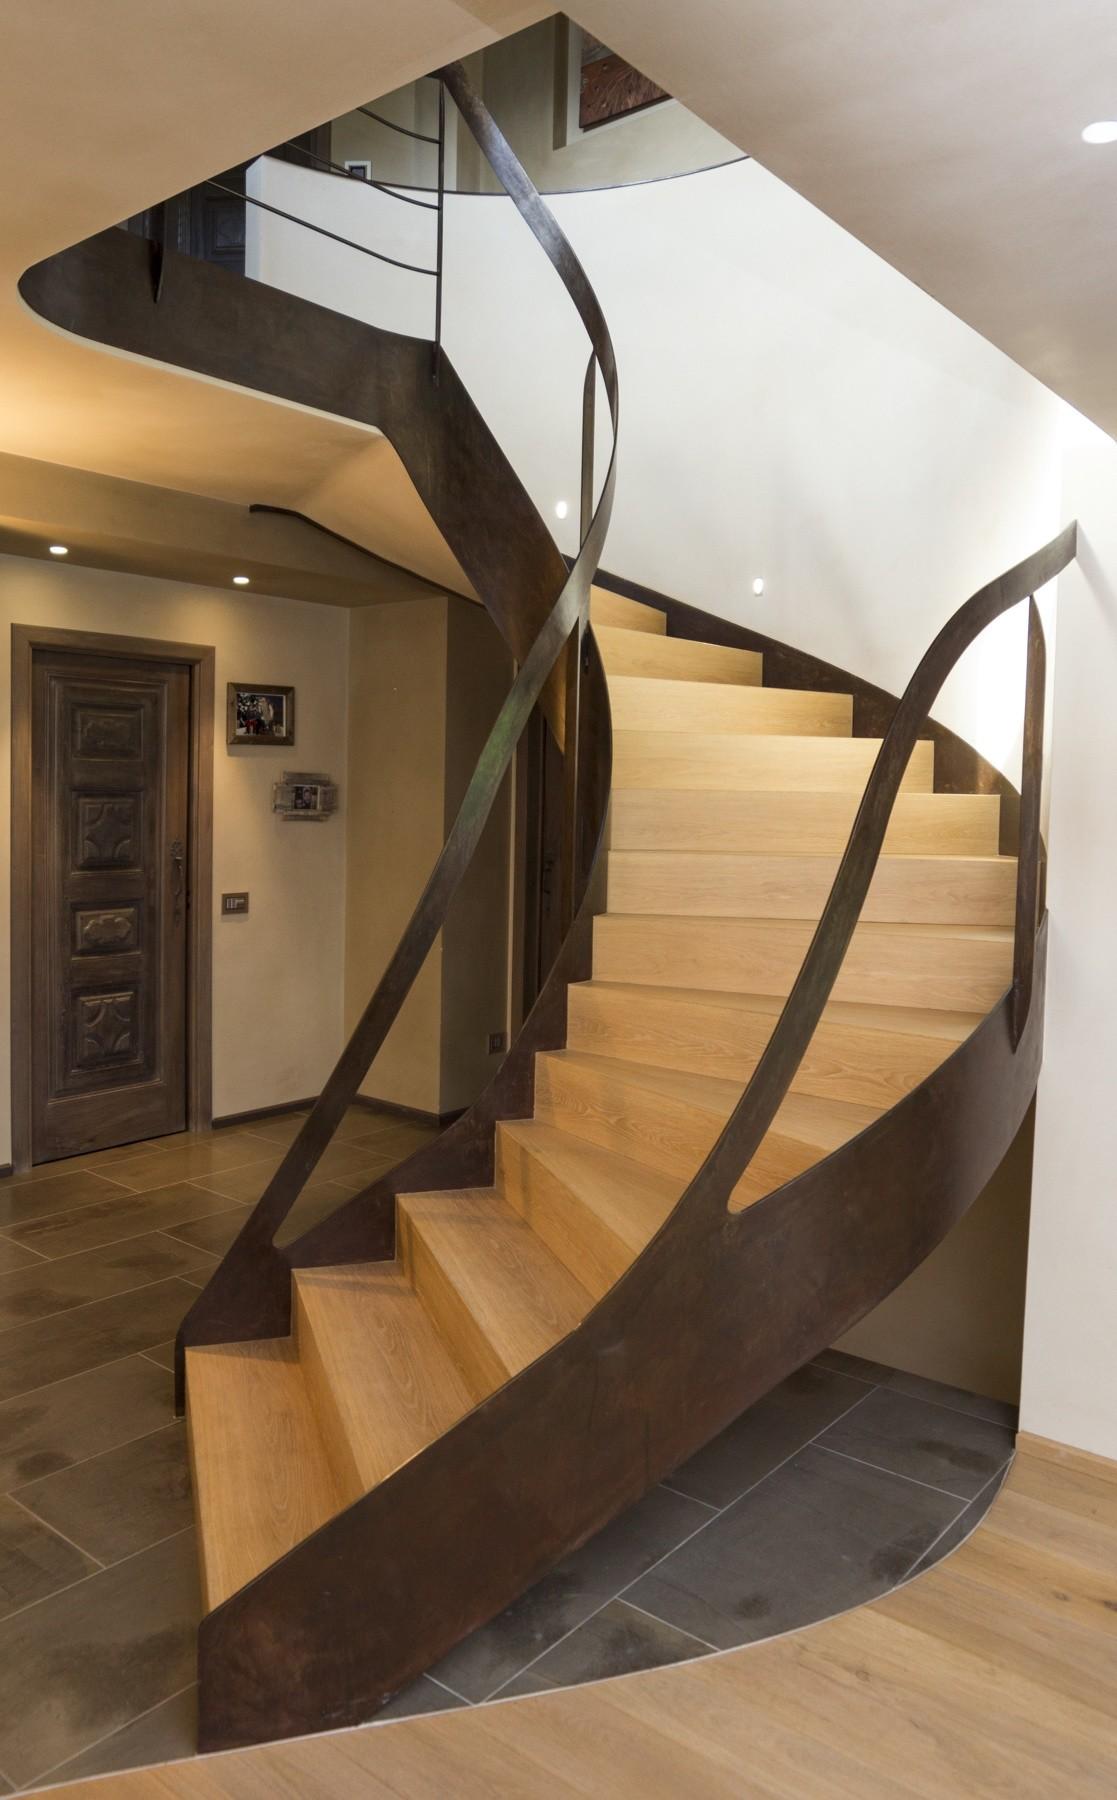 Escalera con barandilla de acero y escaleras de madera de roble